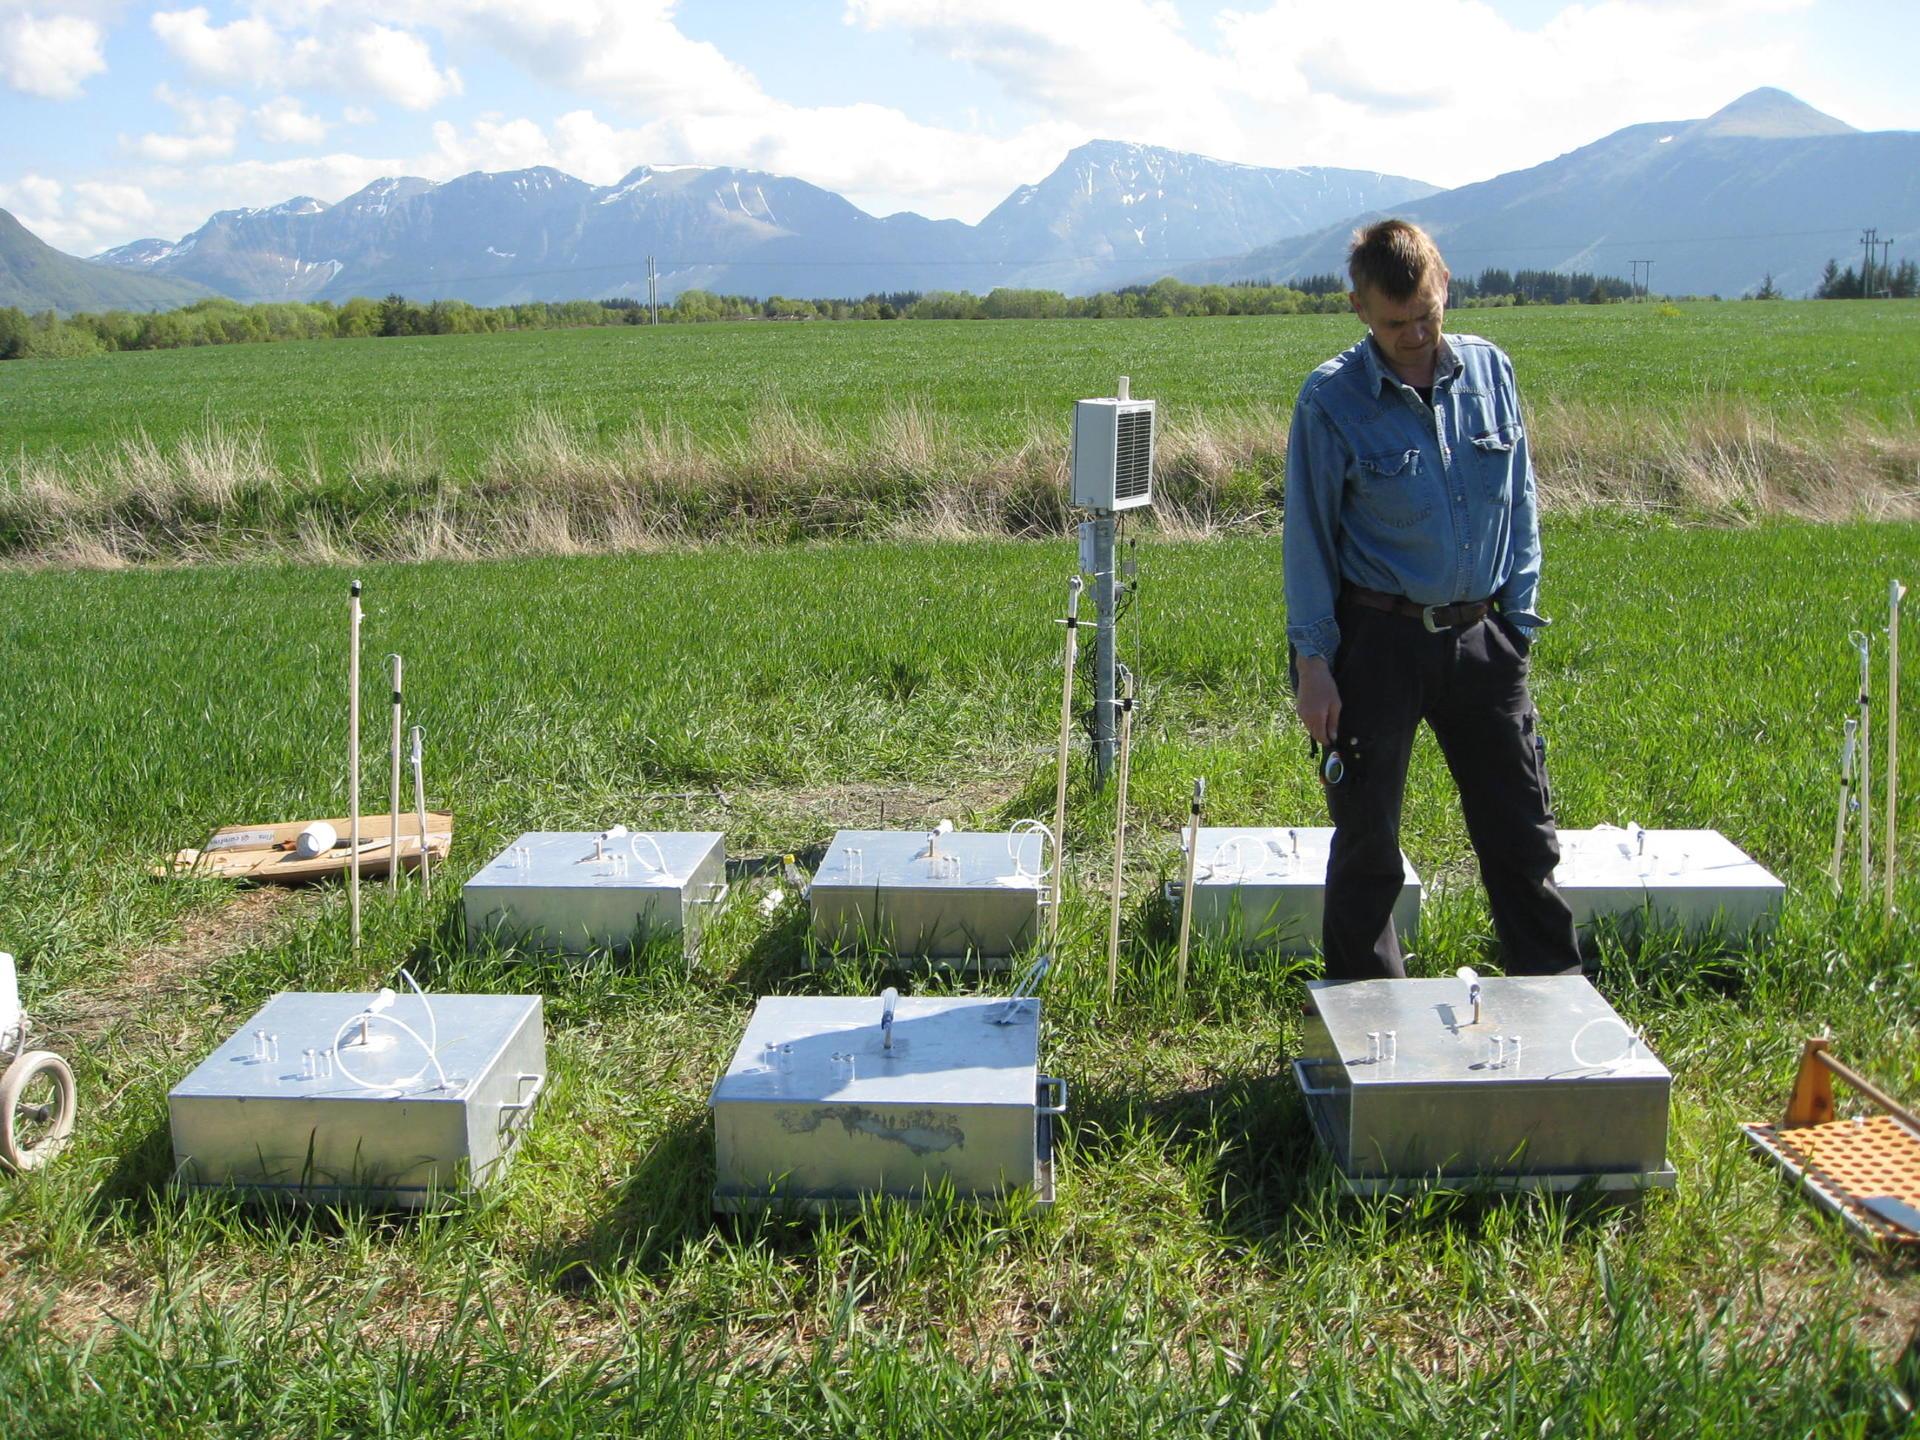 Måling av klimagassutslipp fra myr